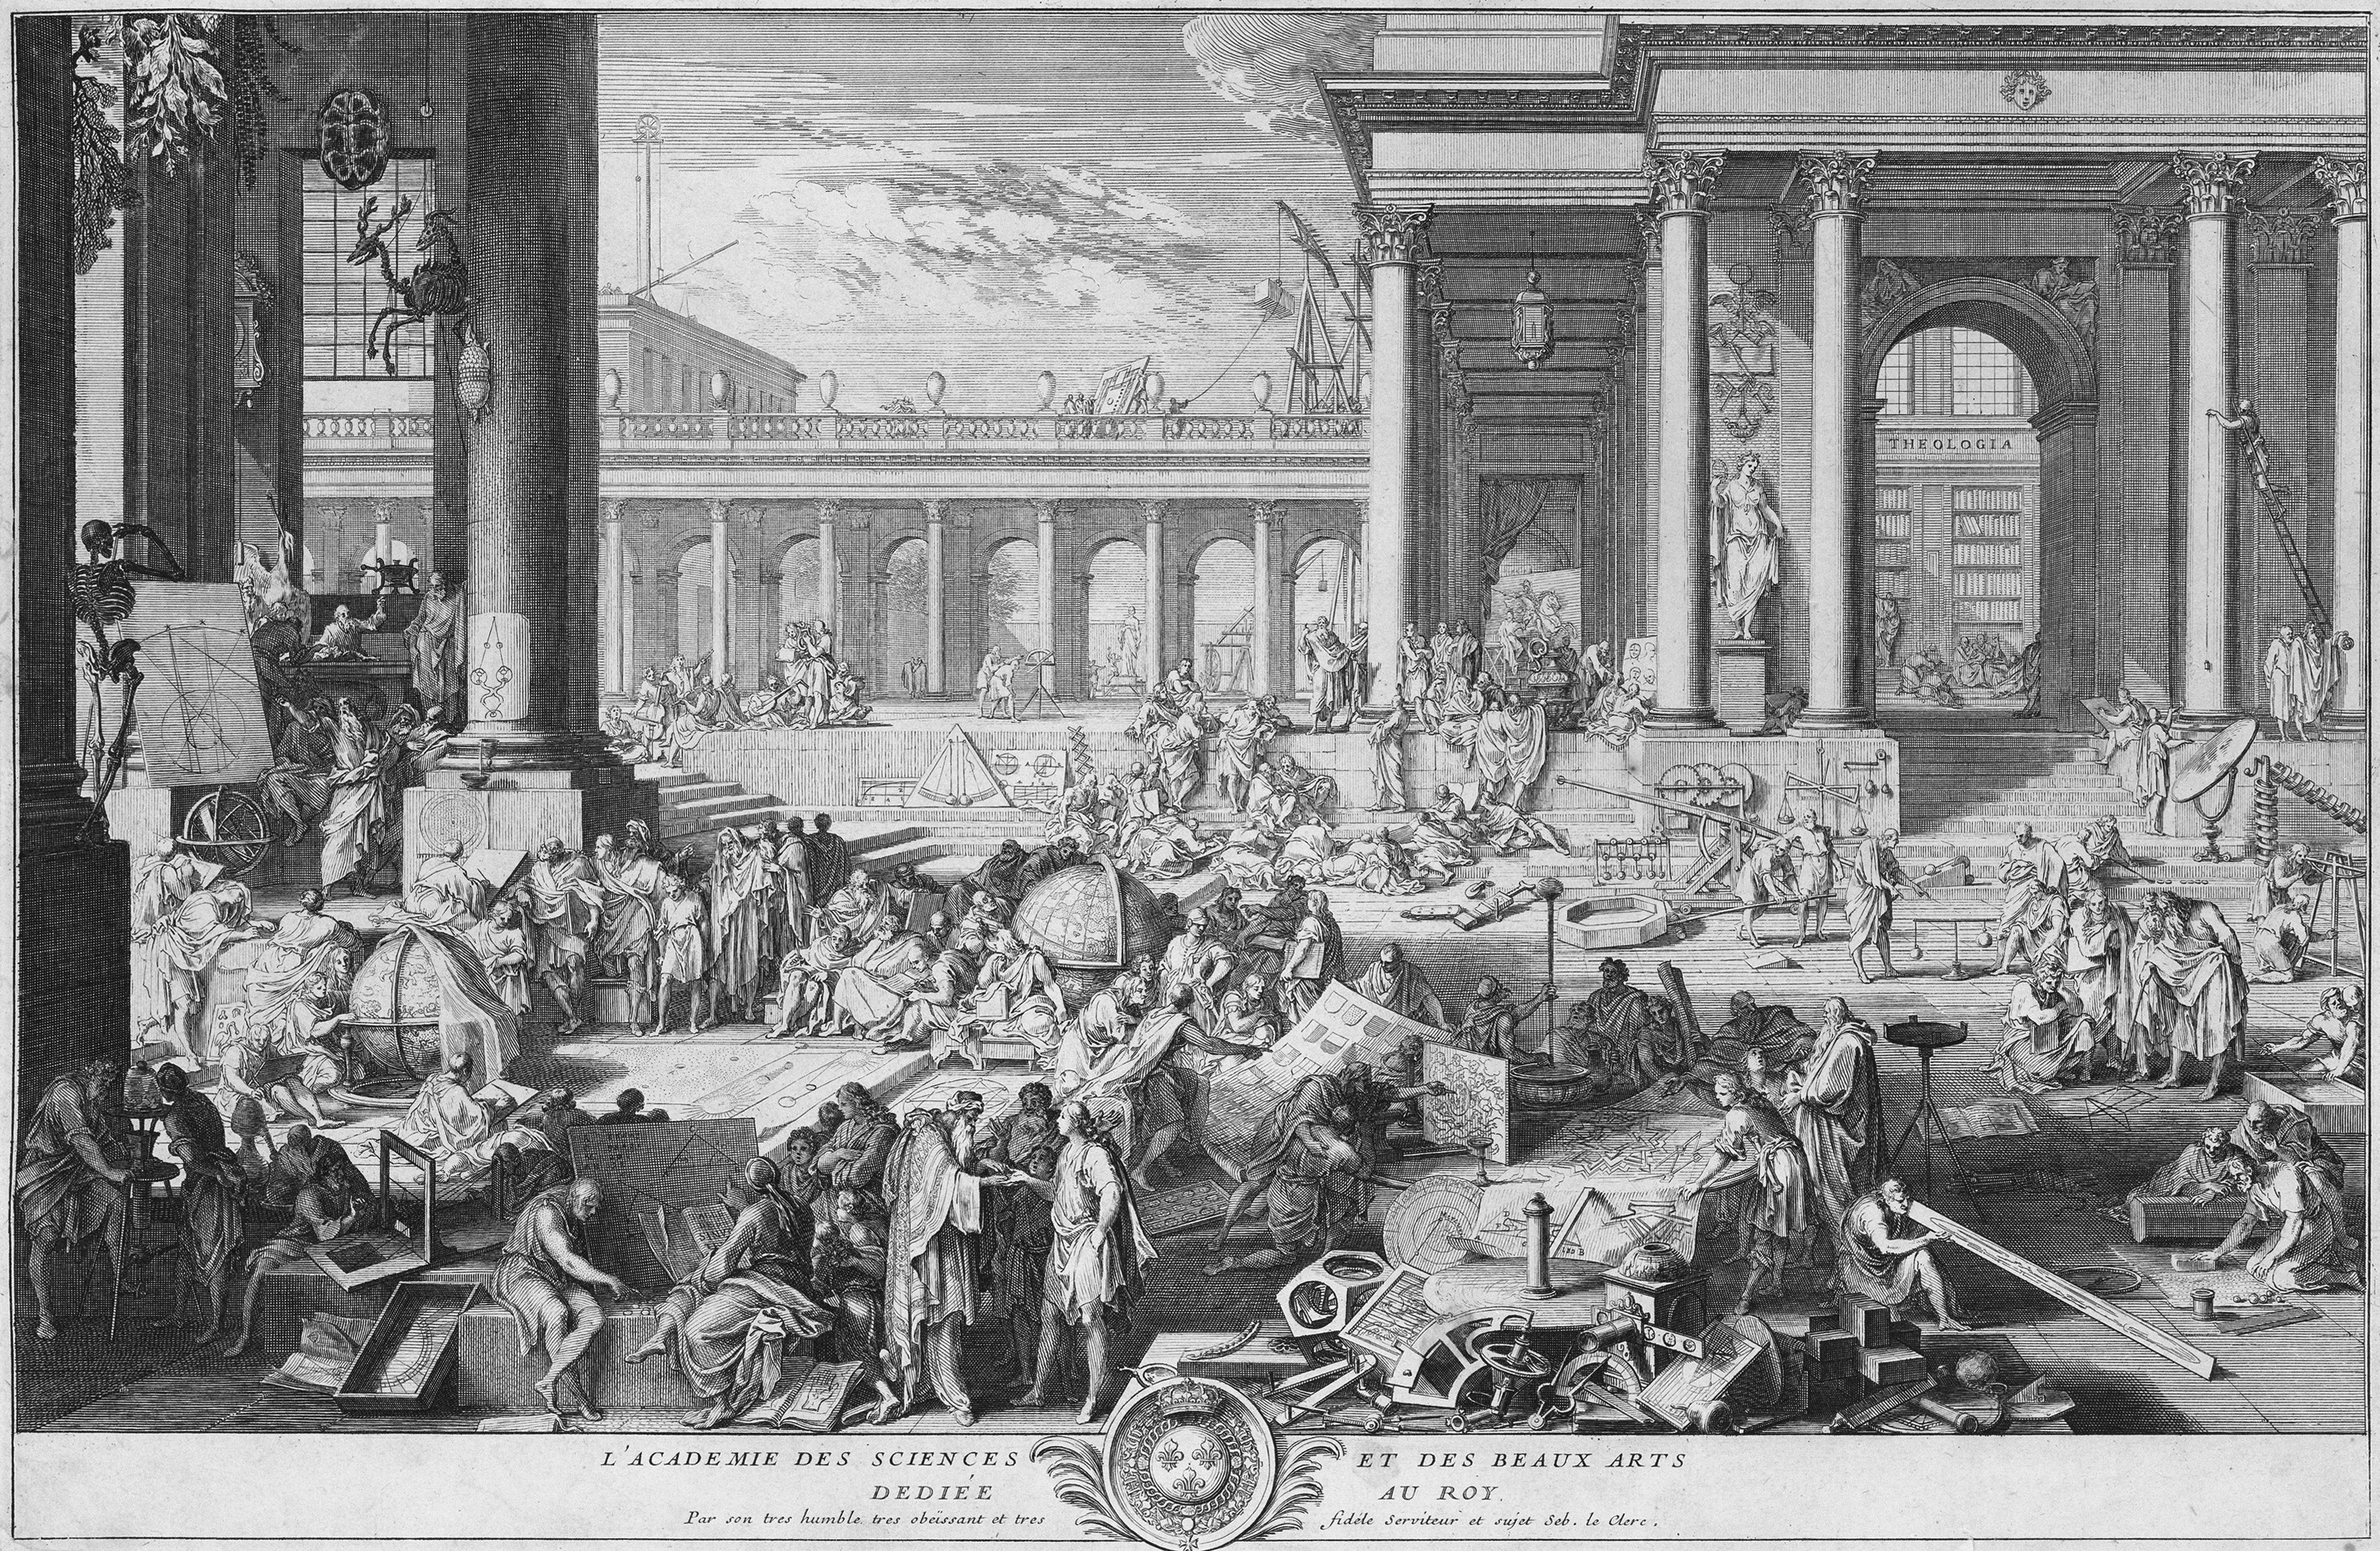 File:Sébastien Leclerc I, L'Académie des Sciences et des Beaux-Arts